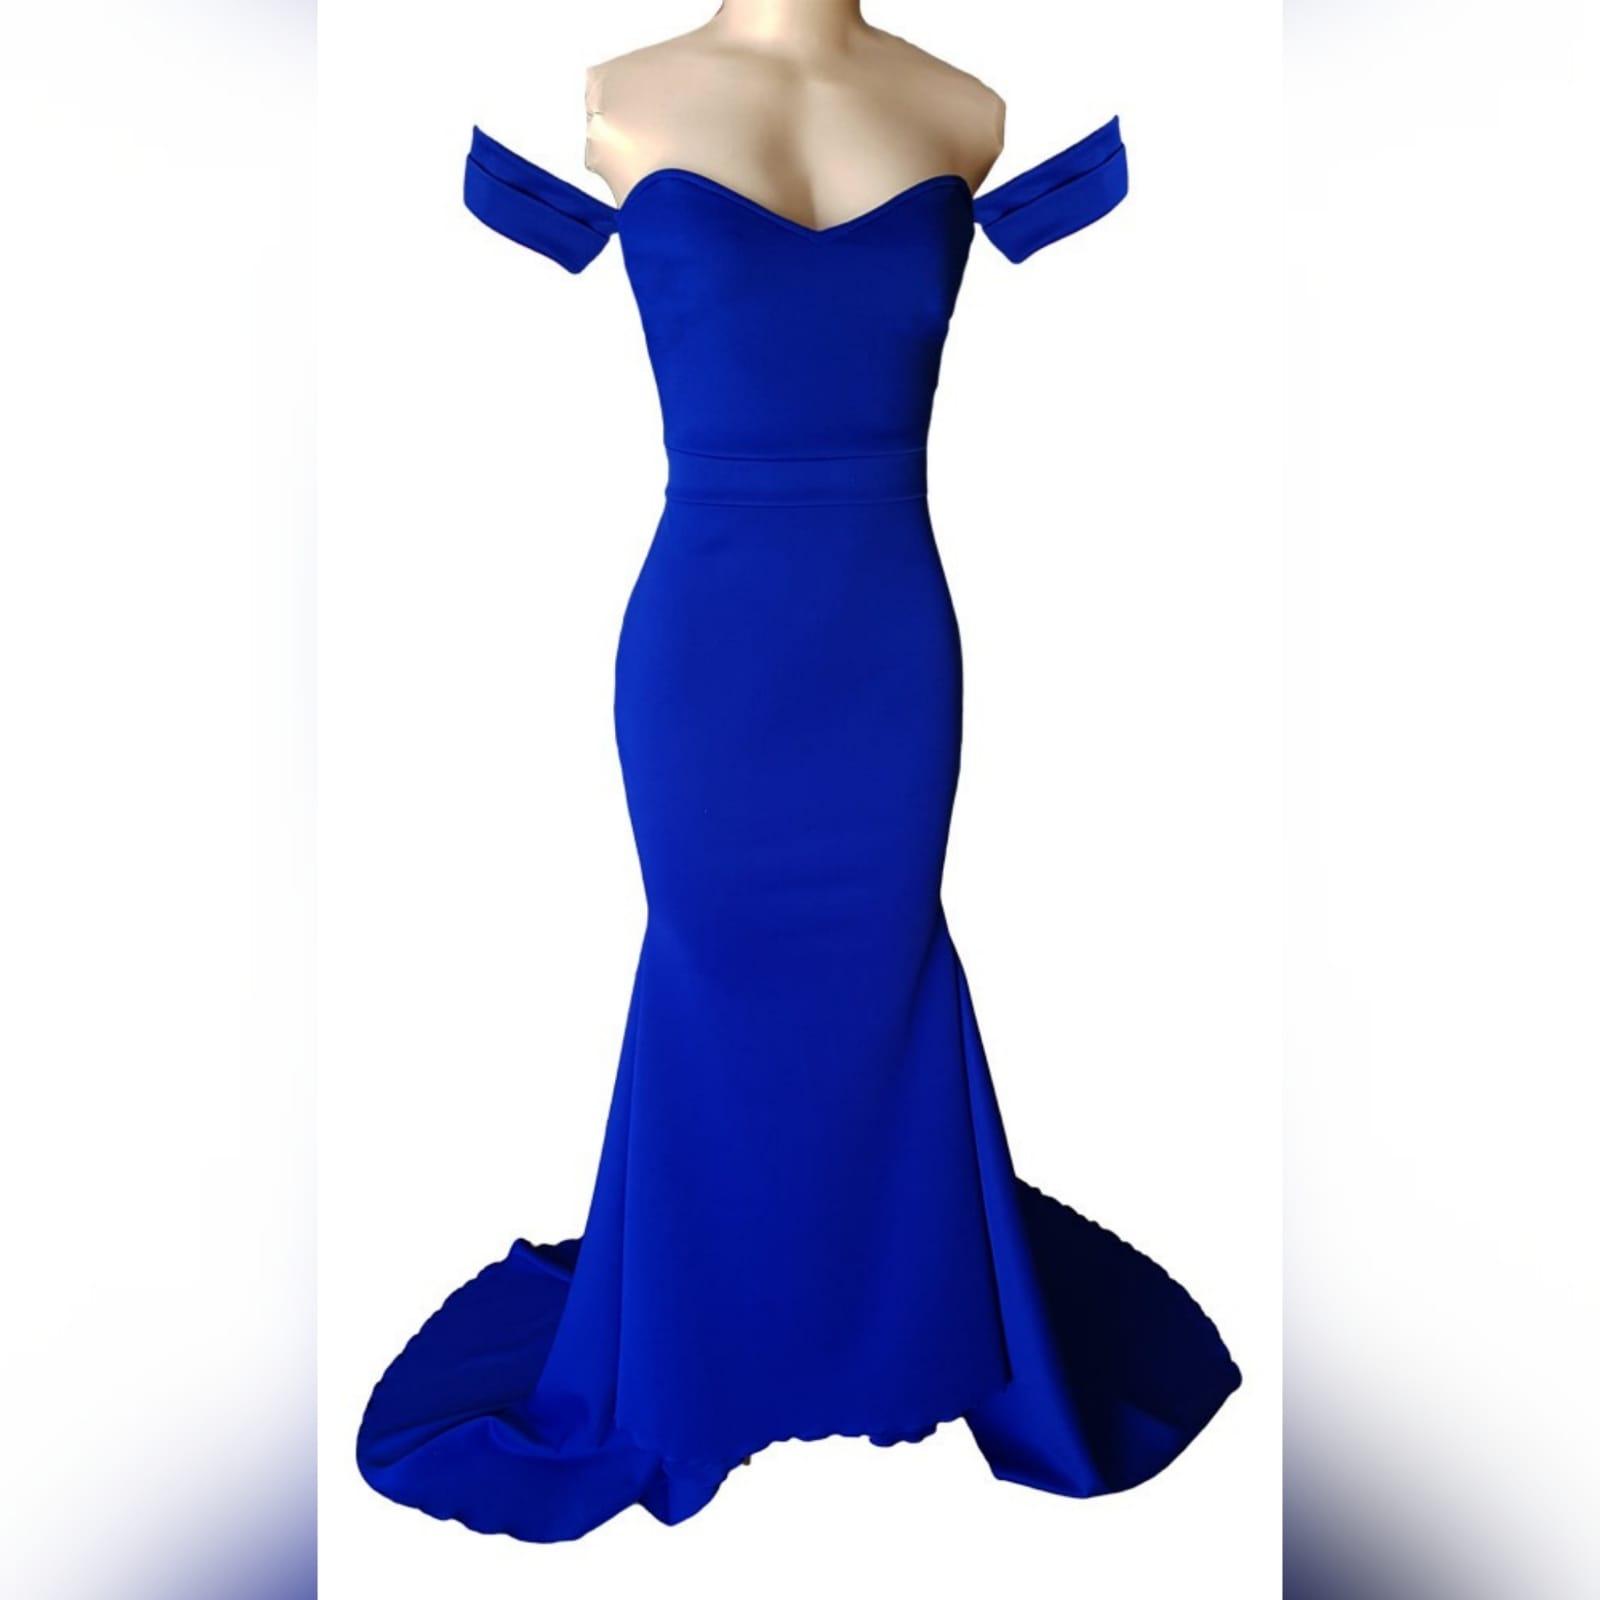 Vestido sereia suave em azul royal modelo simples 4 um vestido sereia suave em azul royal, modelo simples criado para um baile de debutantes. Com um decote moderno fora do ombro e mangas curtas fora do ombro. Um efeito de cinto para marcar cintura e uma cauda para adicionar um visual um pouco dramático.